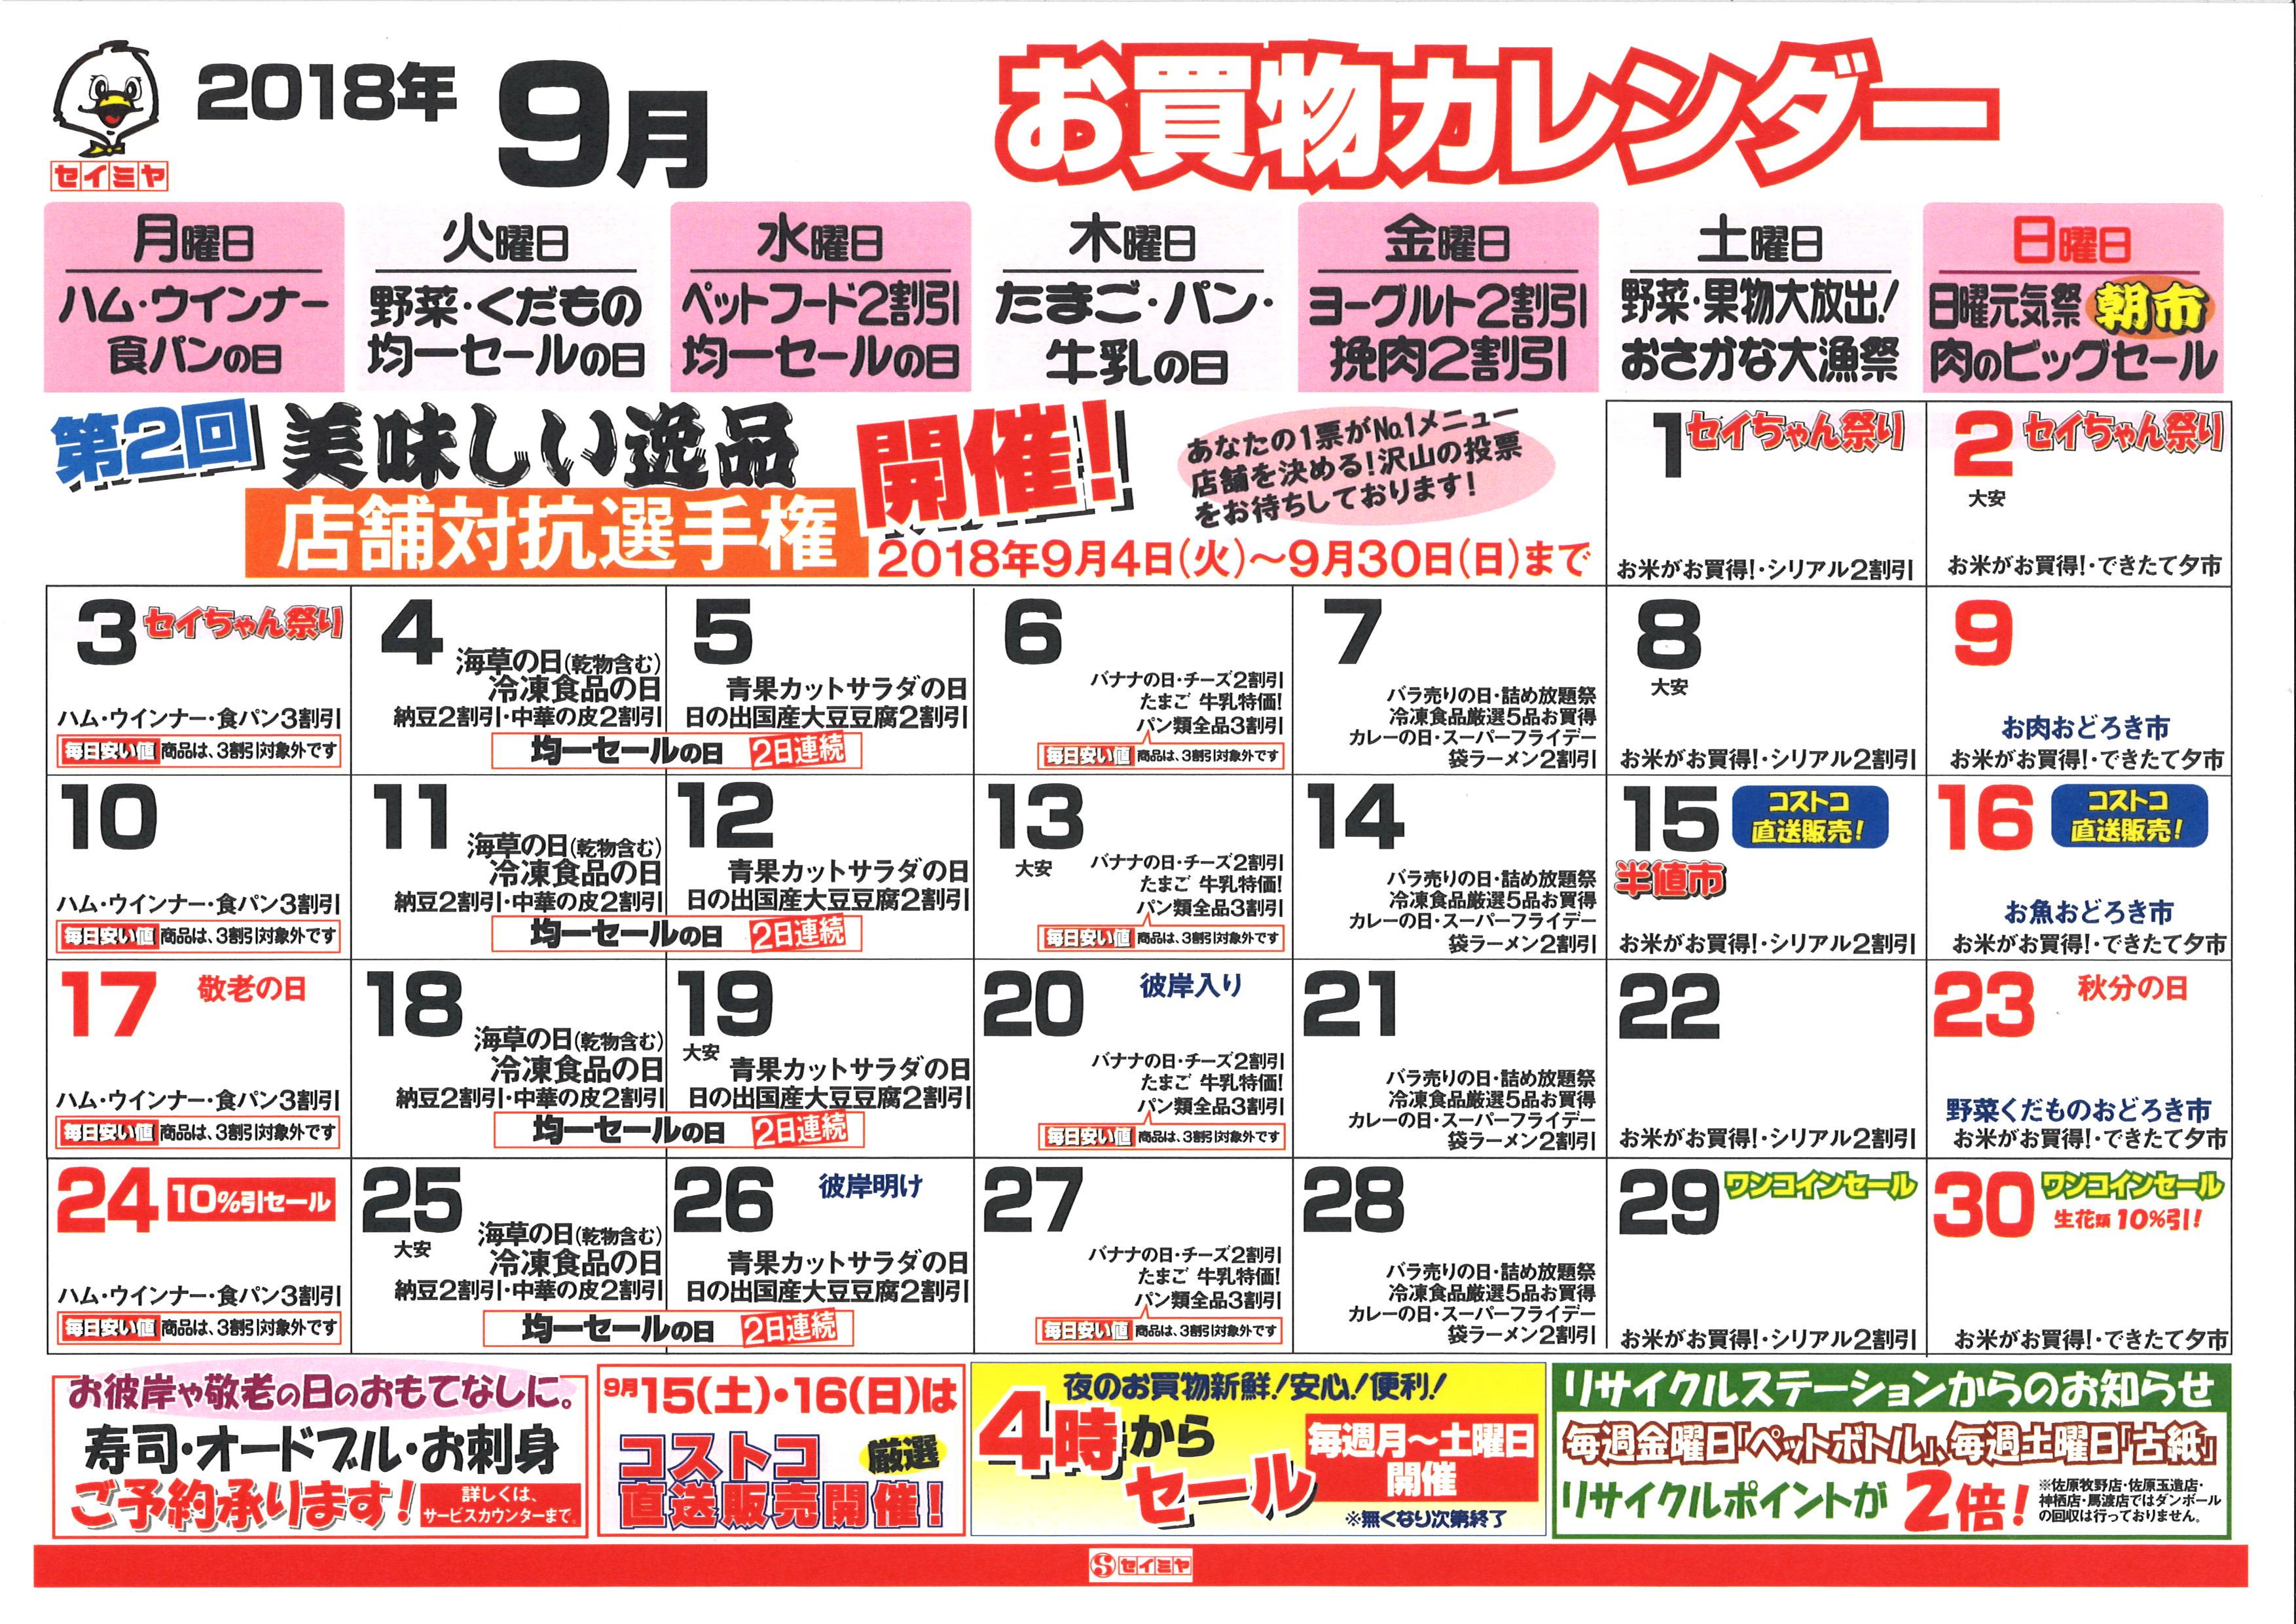 9月のお買物カレンダー